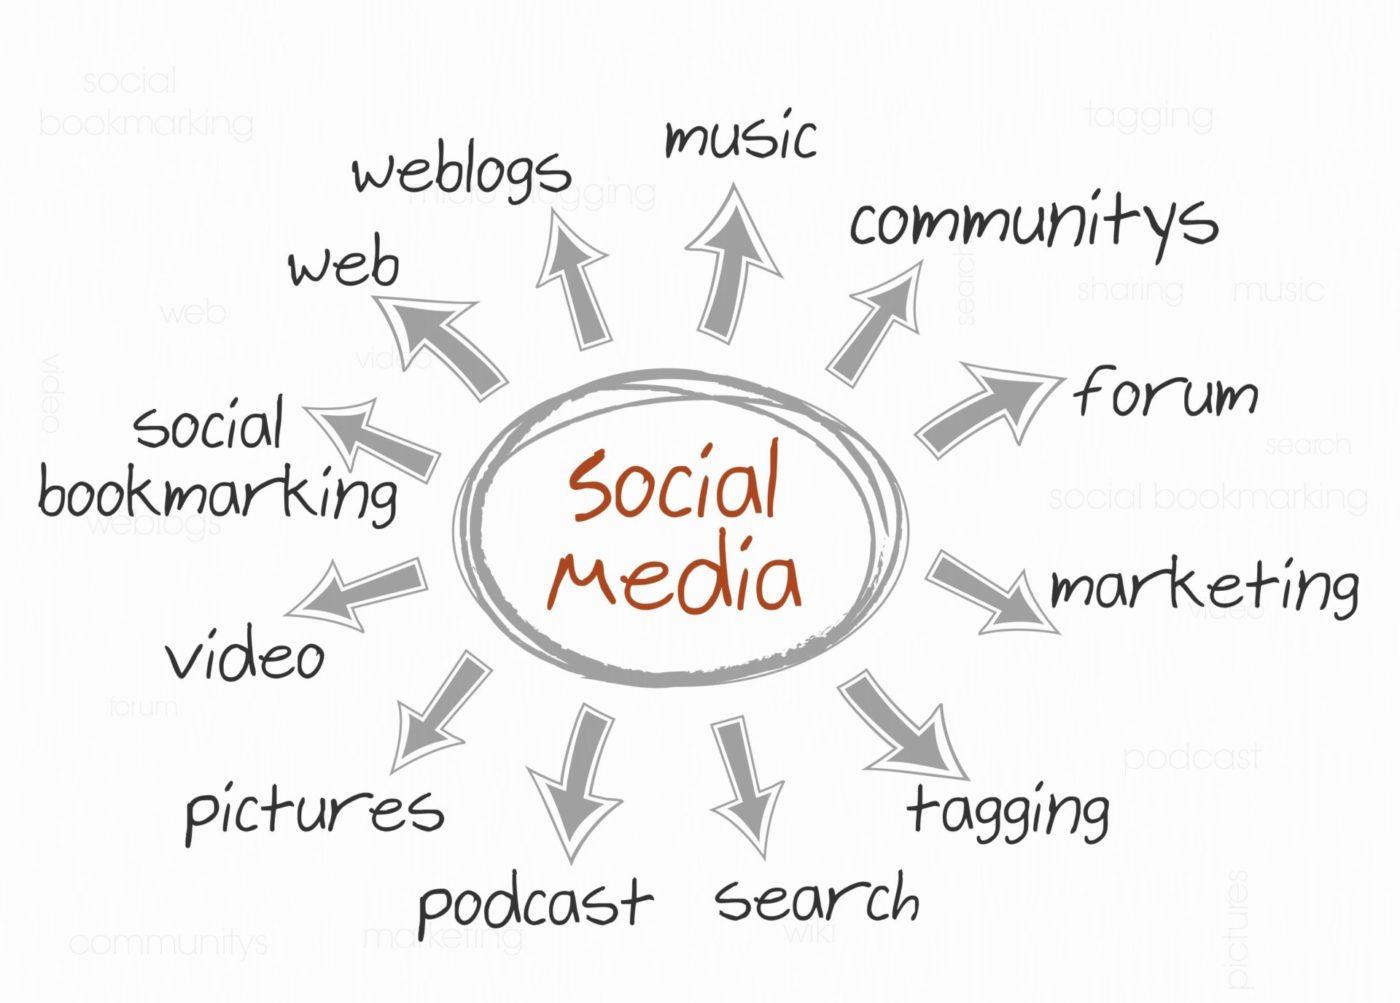 vector-social-media-illustration_G1AsChSO_L